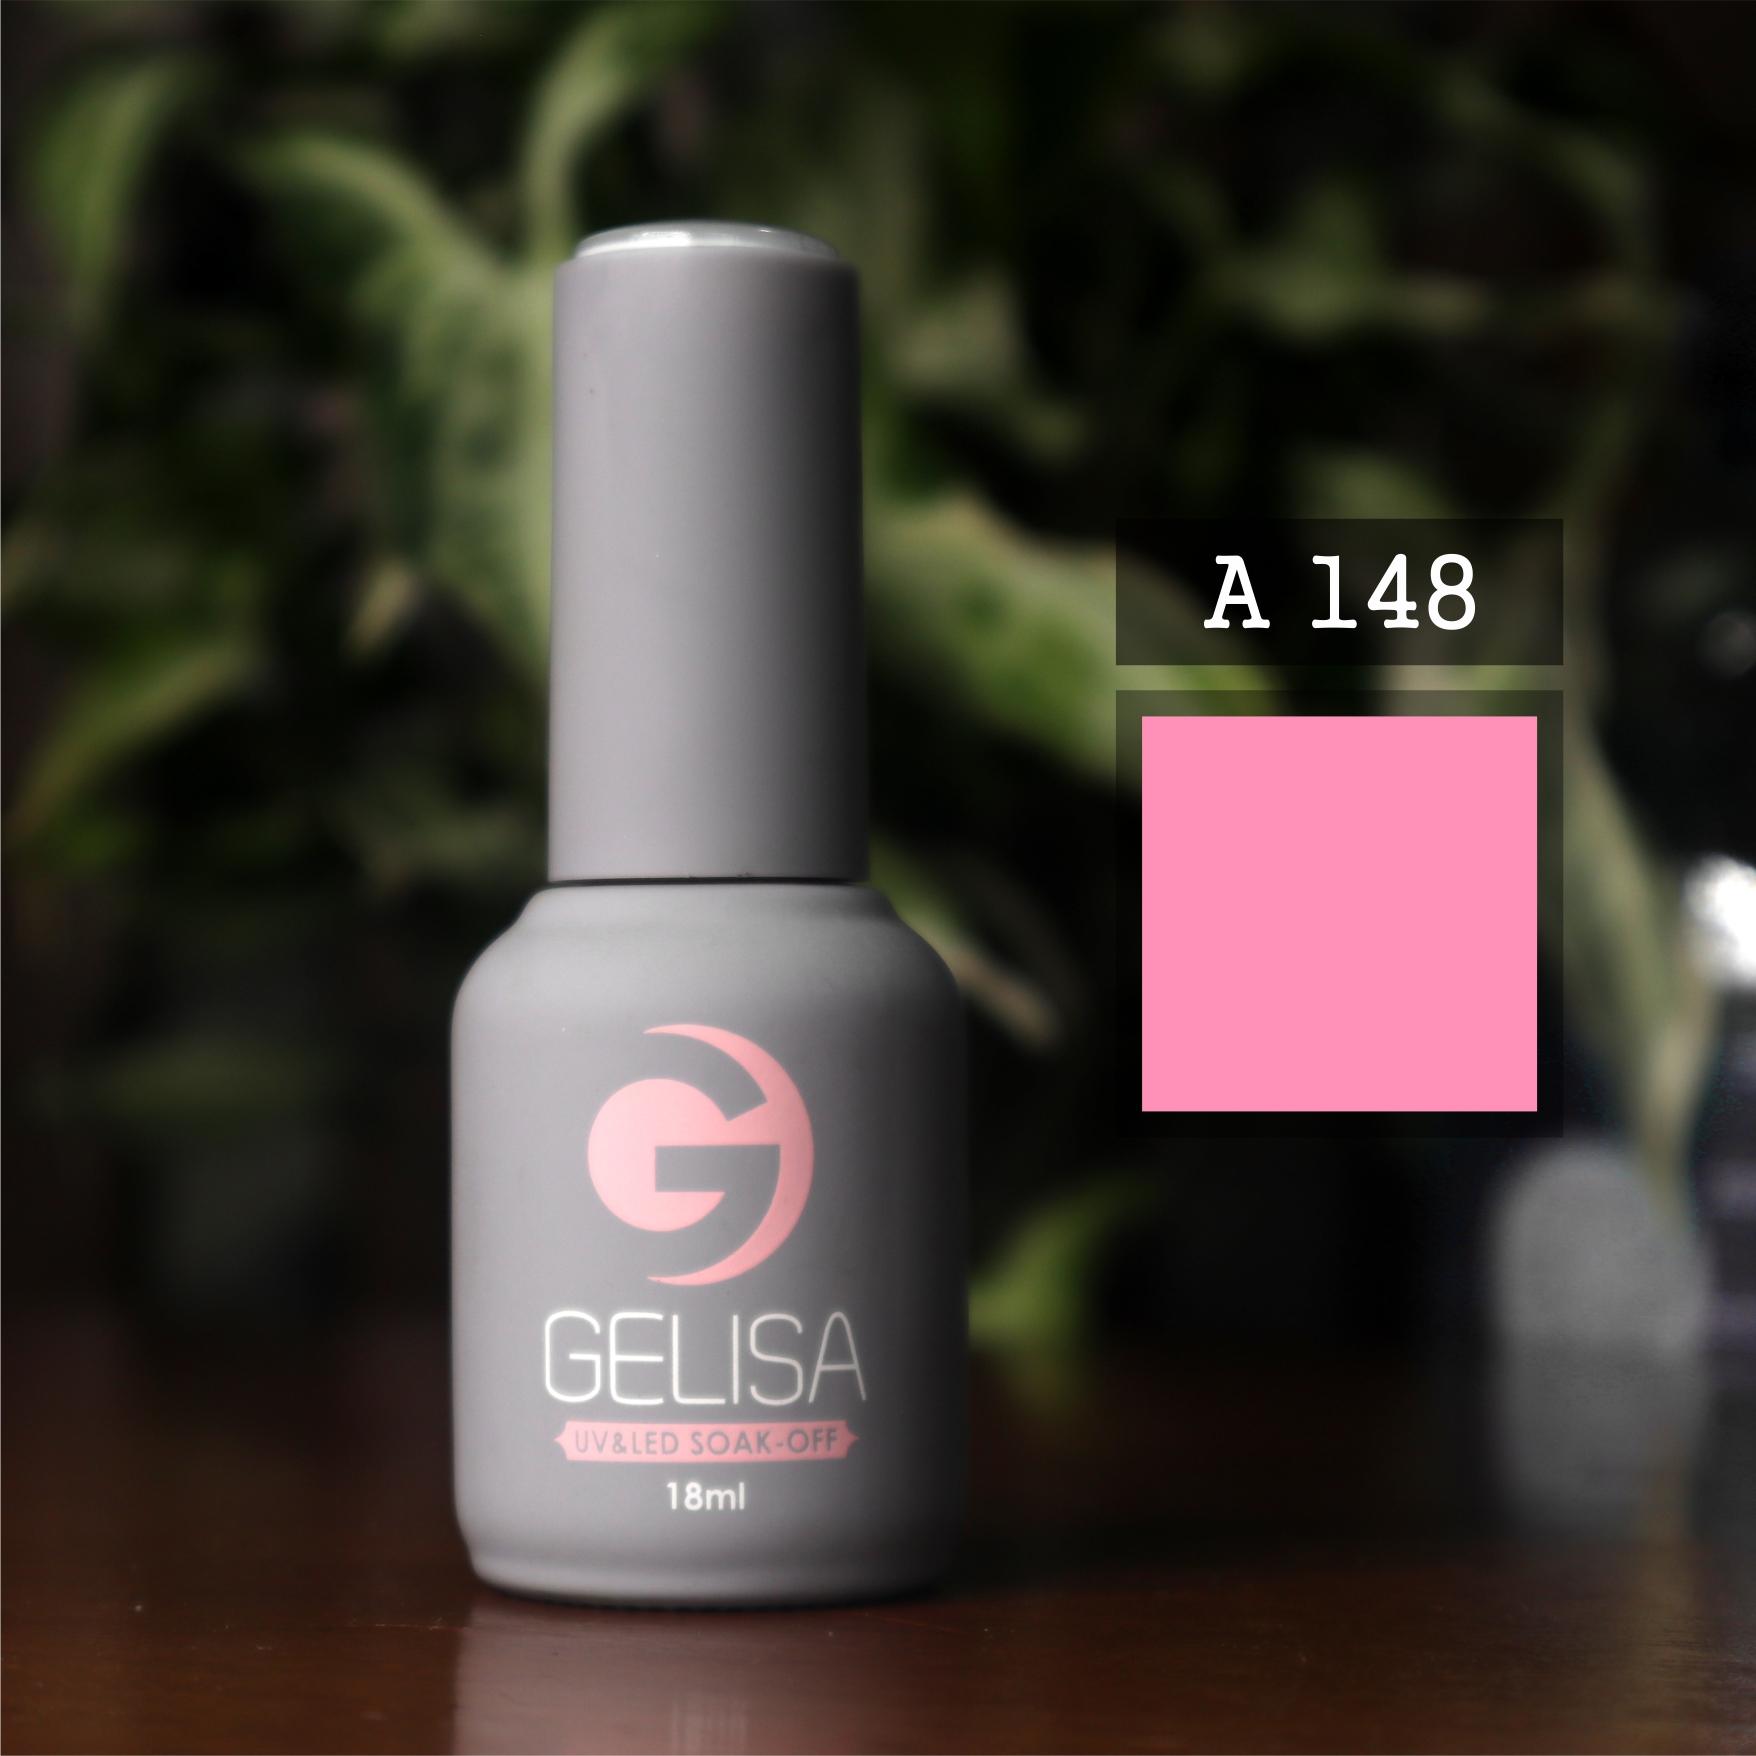 لاک ژل gelisa کد A148